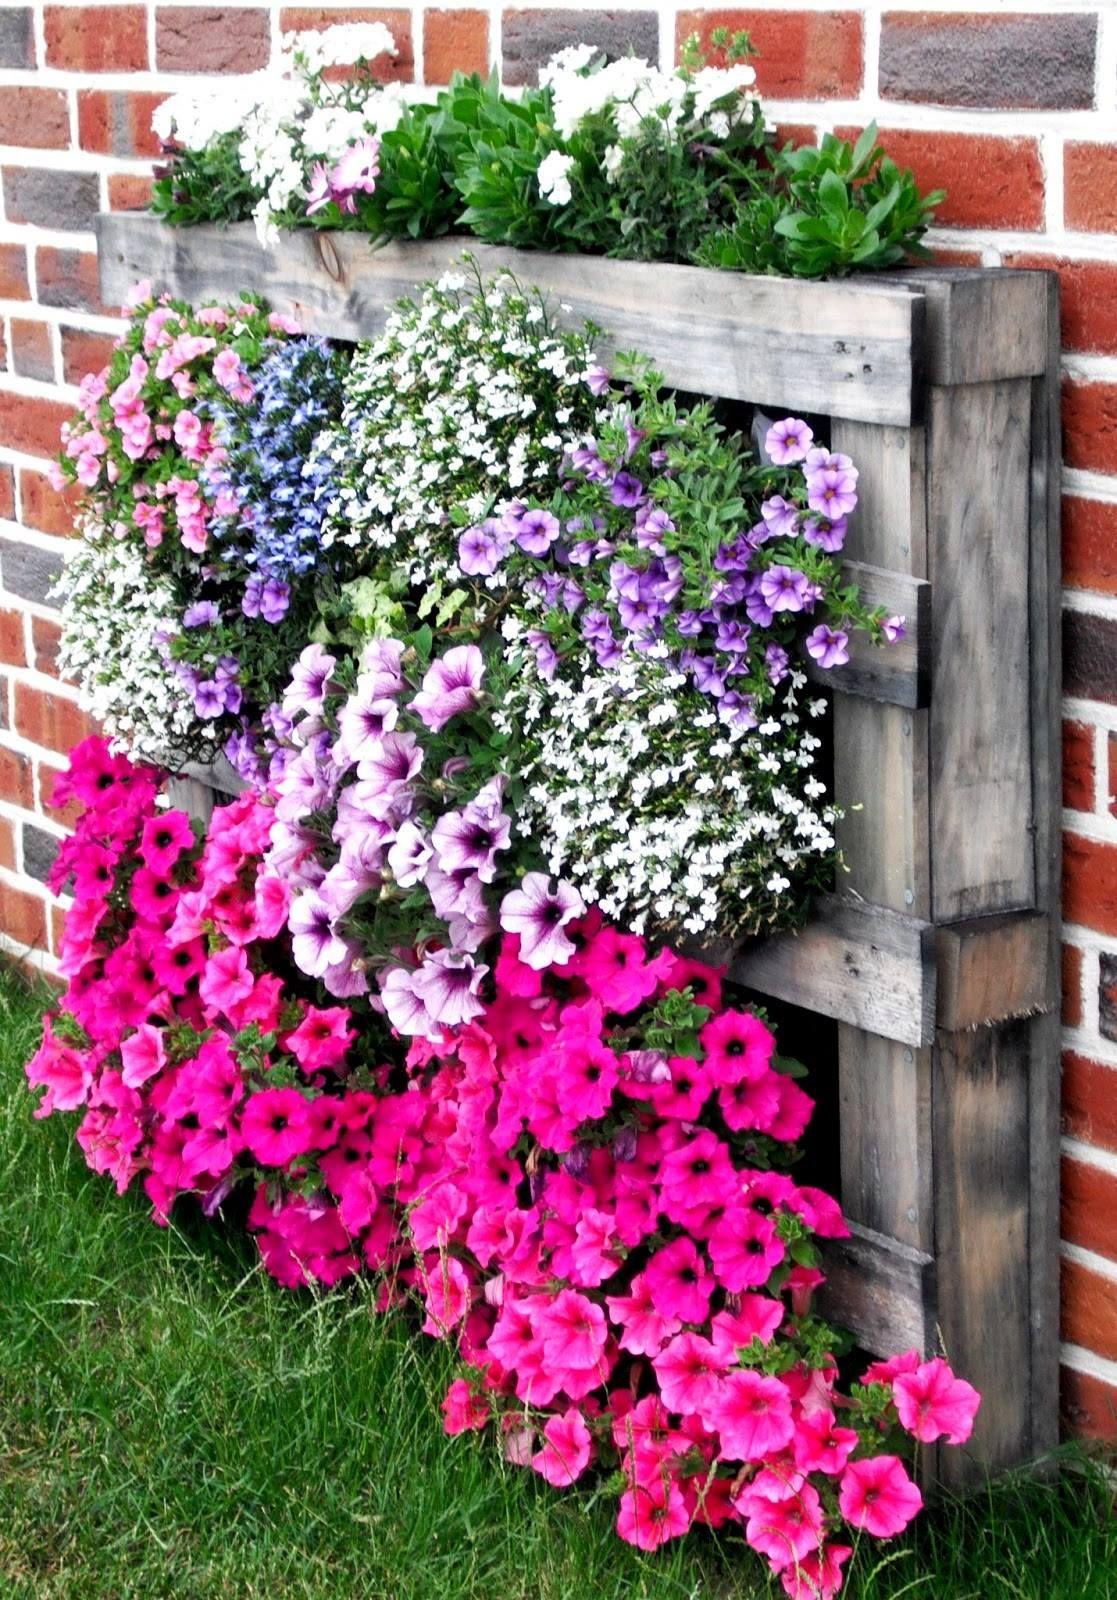 42 Jardinières De Récup Avec Des Objets Insolites | Jardin ... destiné Astuce Deco Jardin Recup